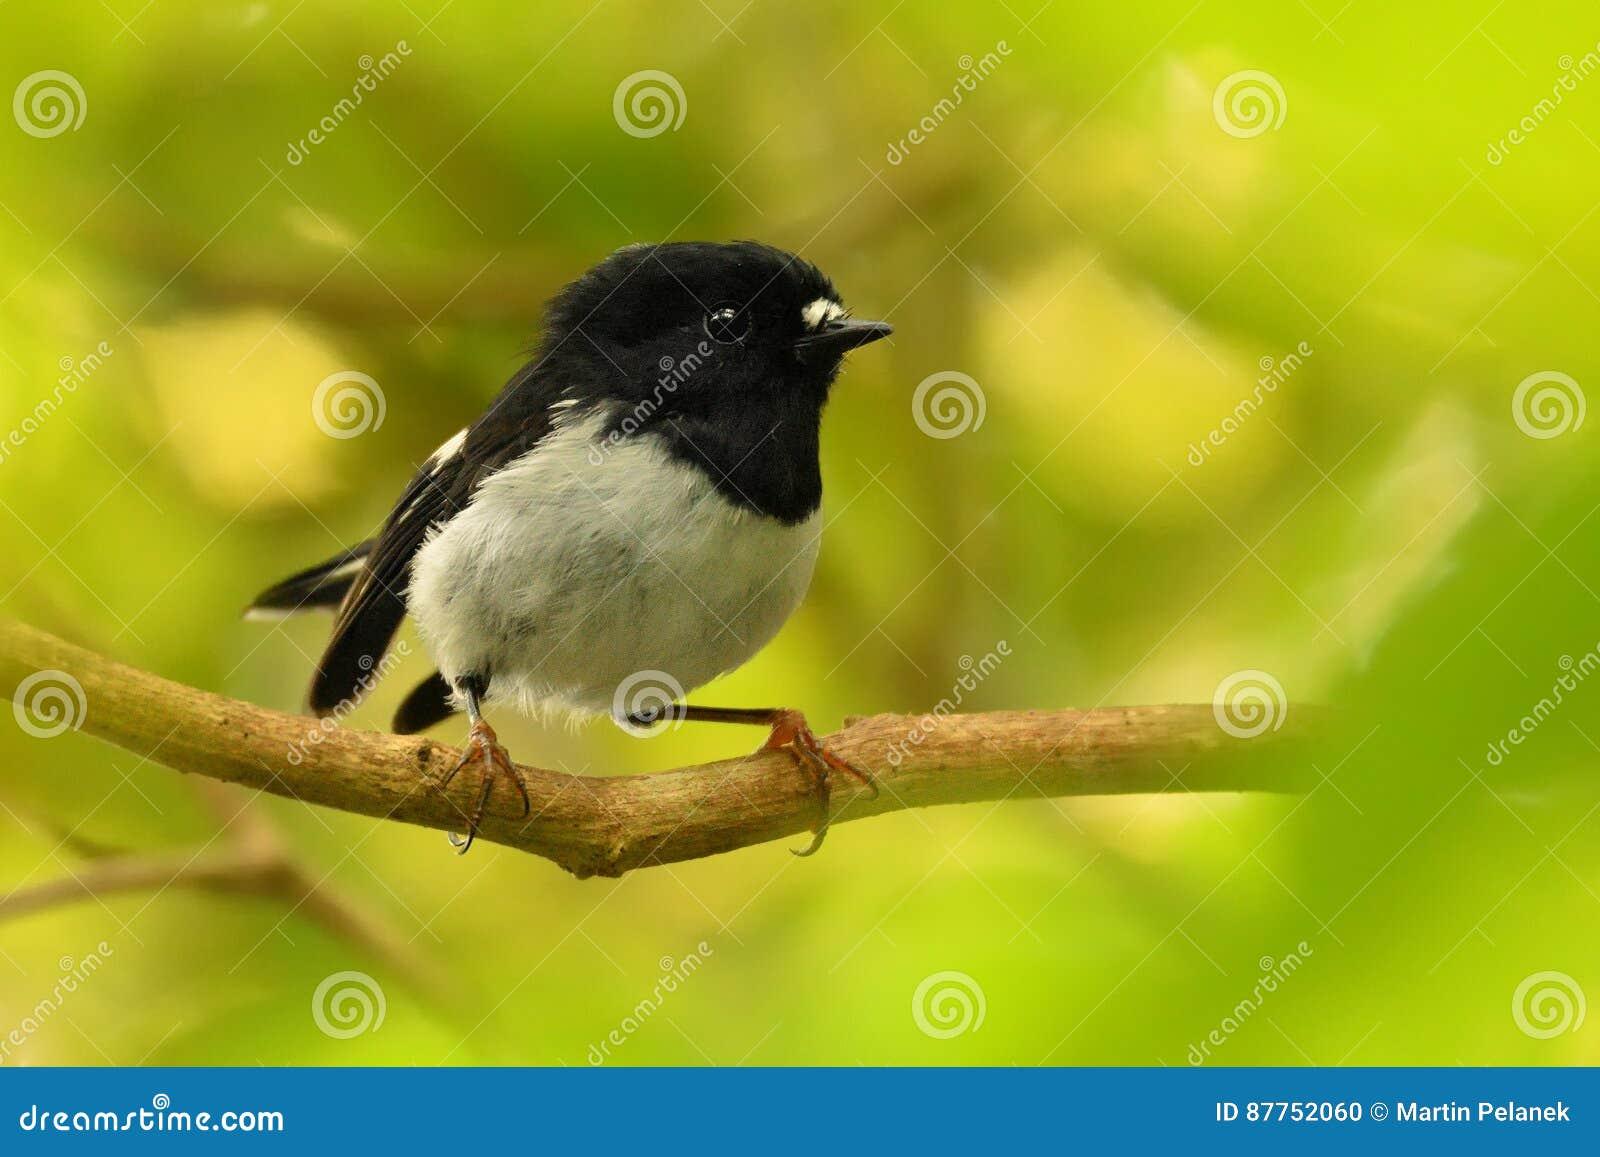 Toitoi macrocephala Petroica - северный остров Tomtit - miromiro - эндемичная птица леса Новой Зеландии